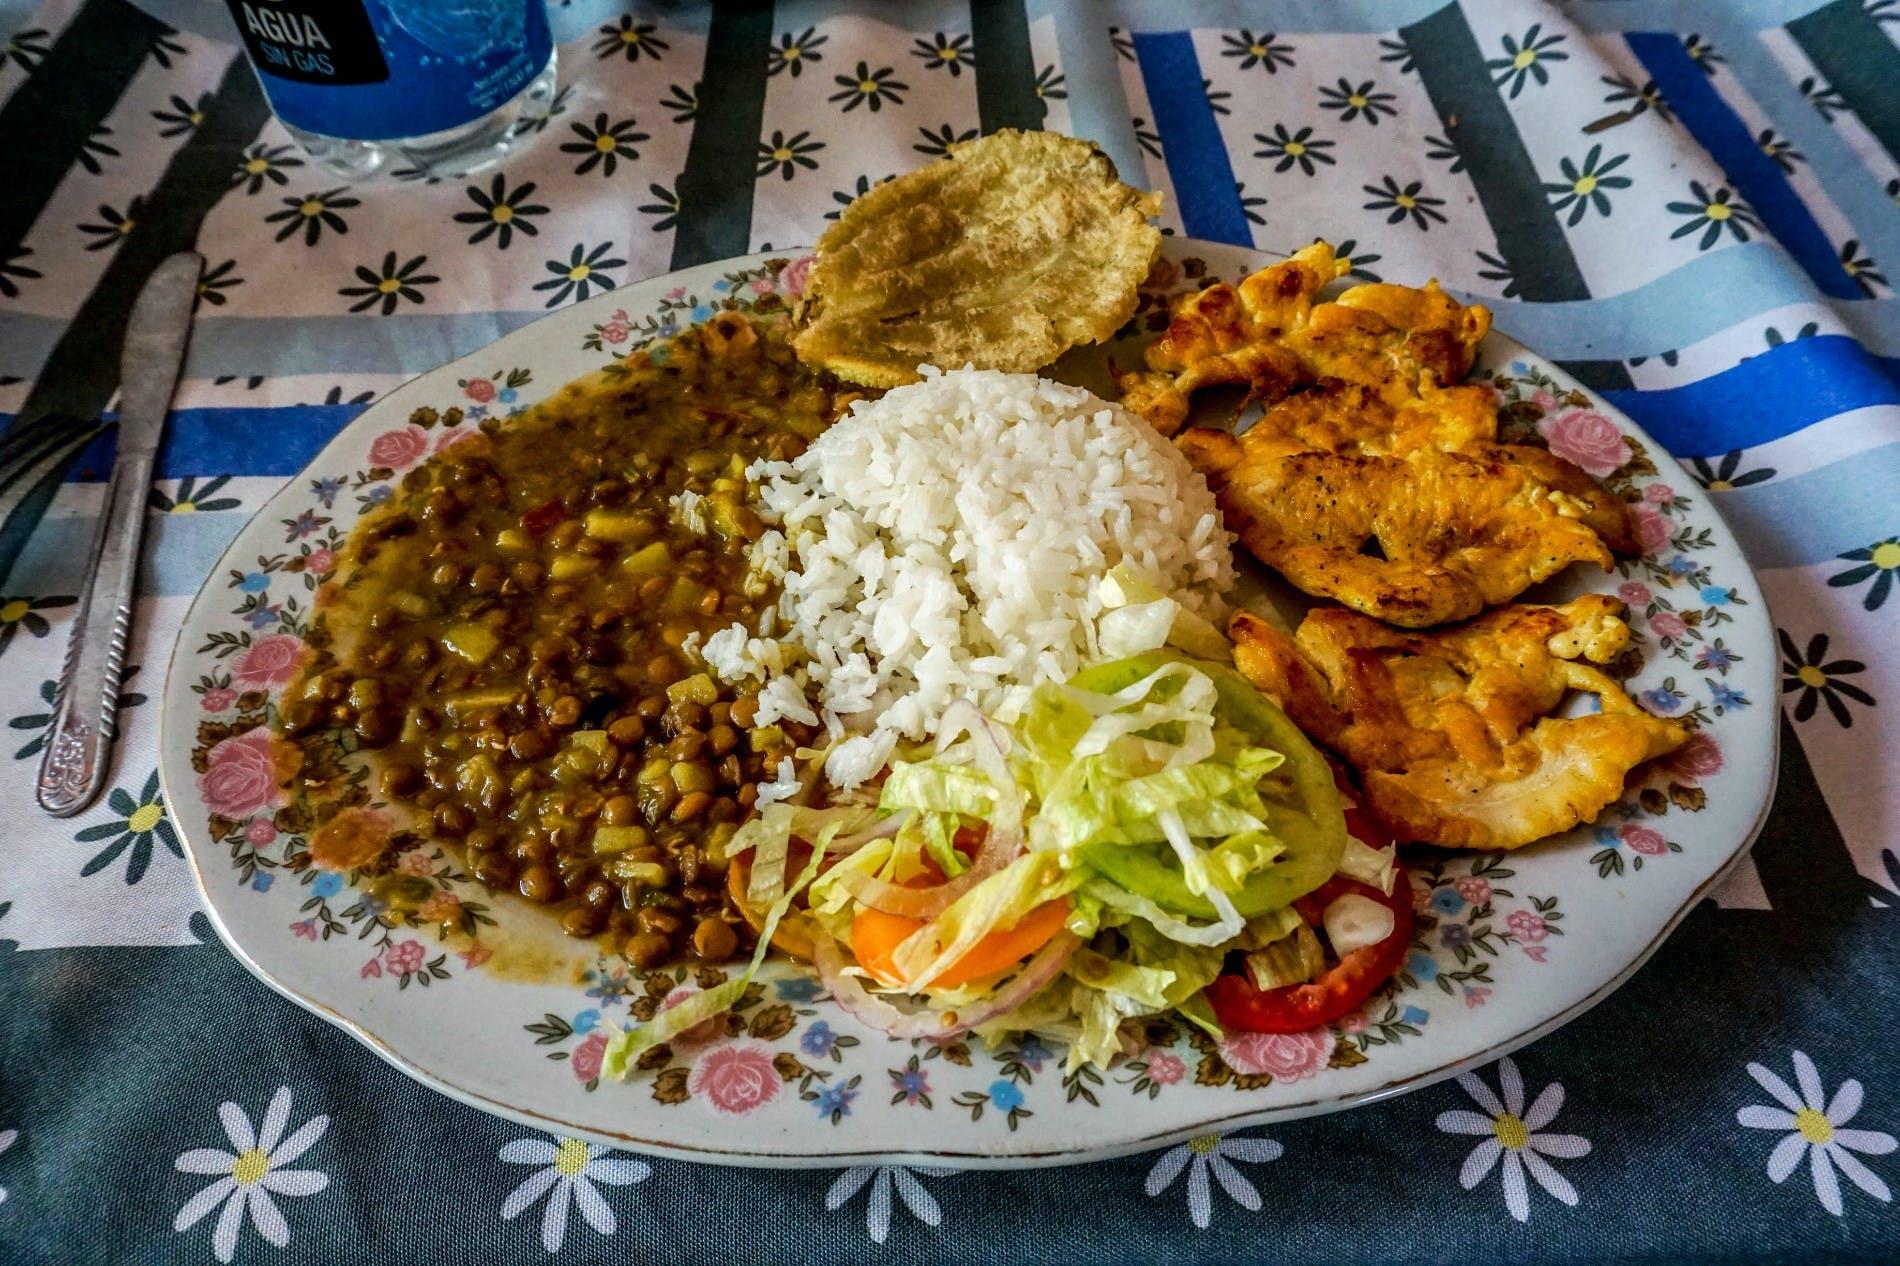 Ver la ciudad,Gastronomía,Comidas y cenas especiales,Tours enológicos,Tour por Medellín